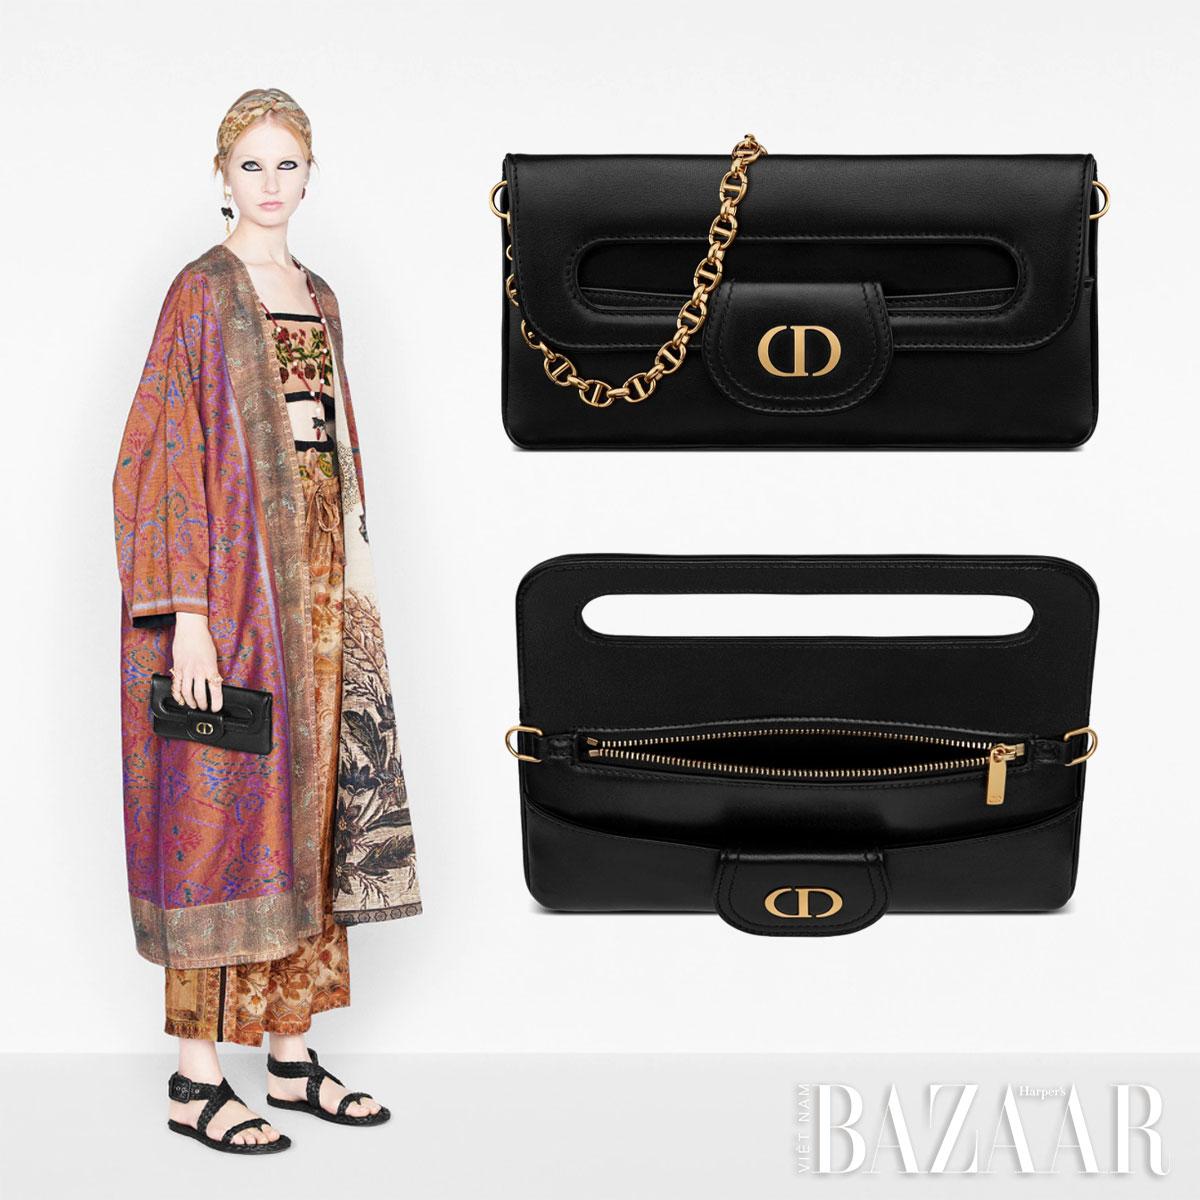 Hoa hậu Phương Khánh hoá cô gái đồng nội Pháp với túi DiorDouble 5